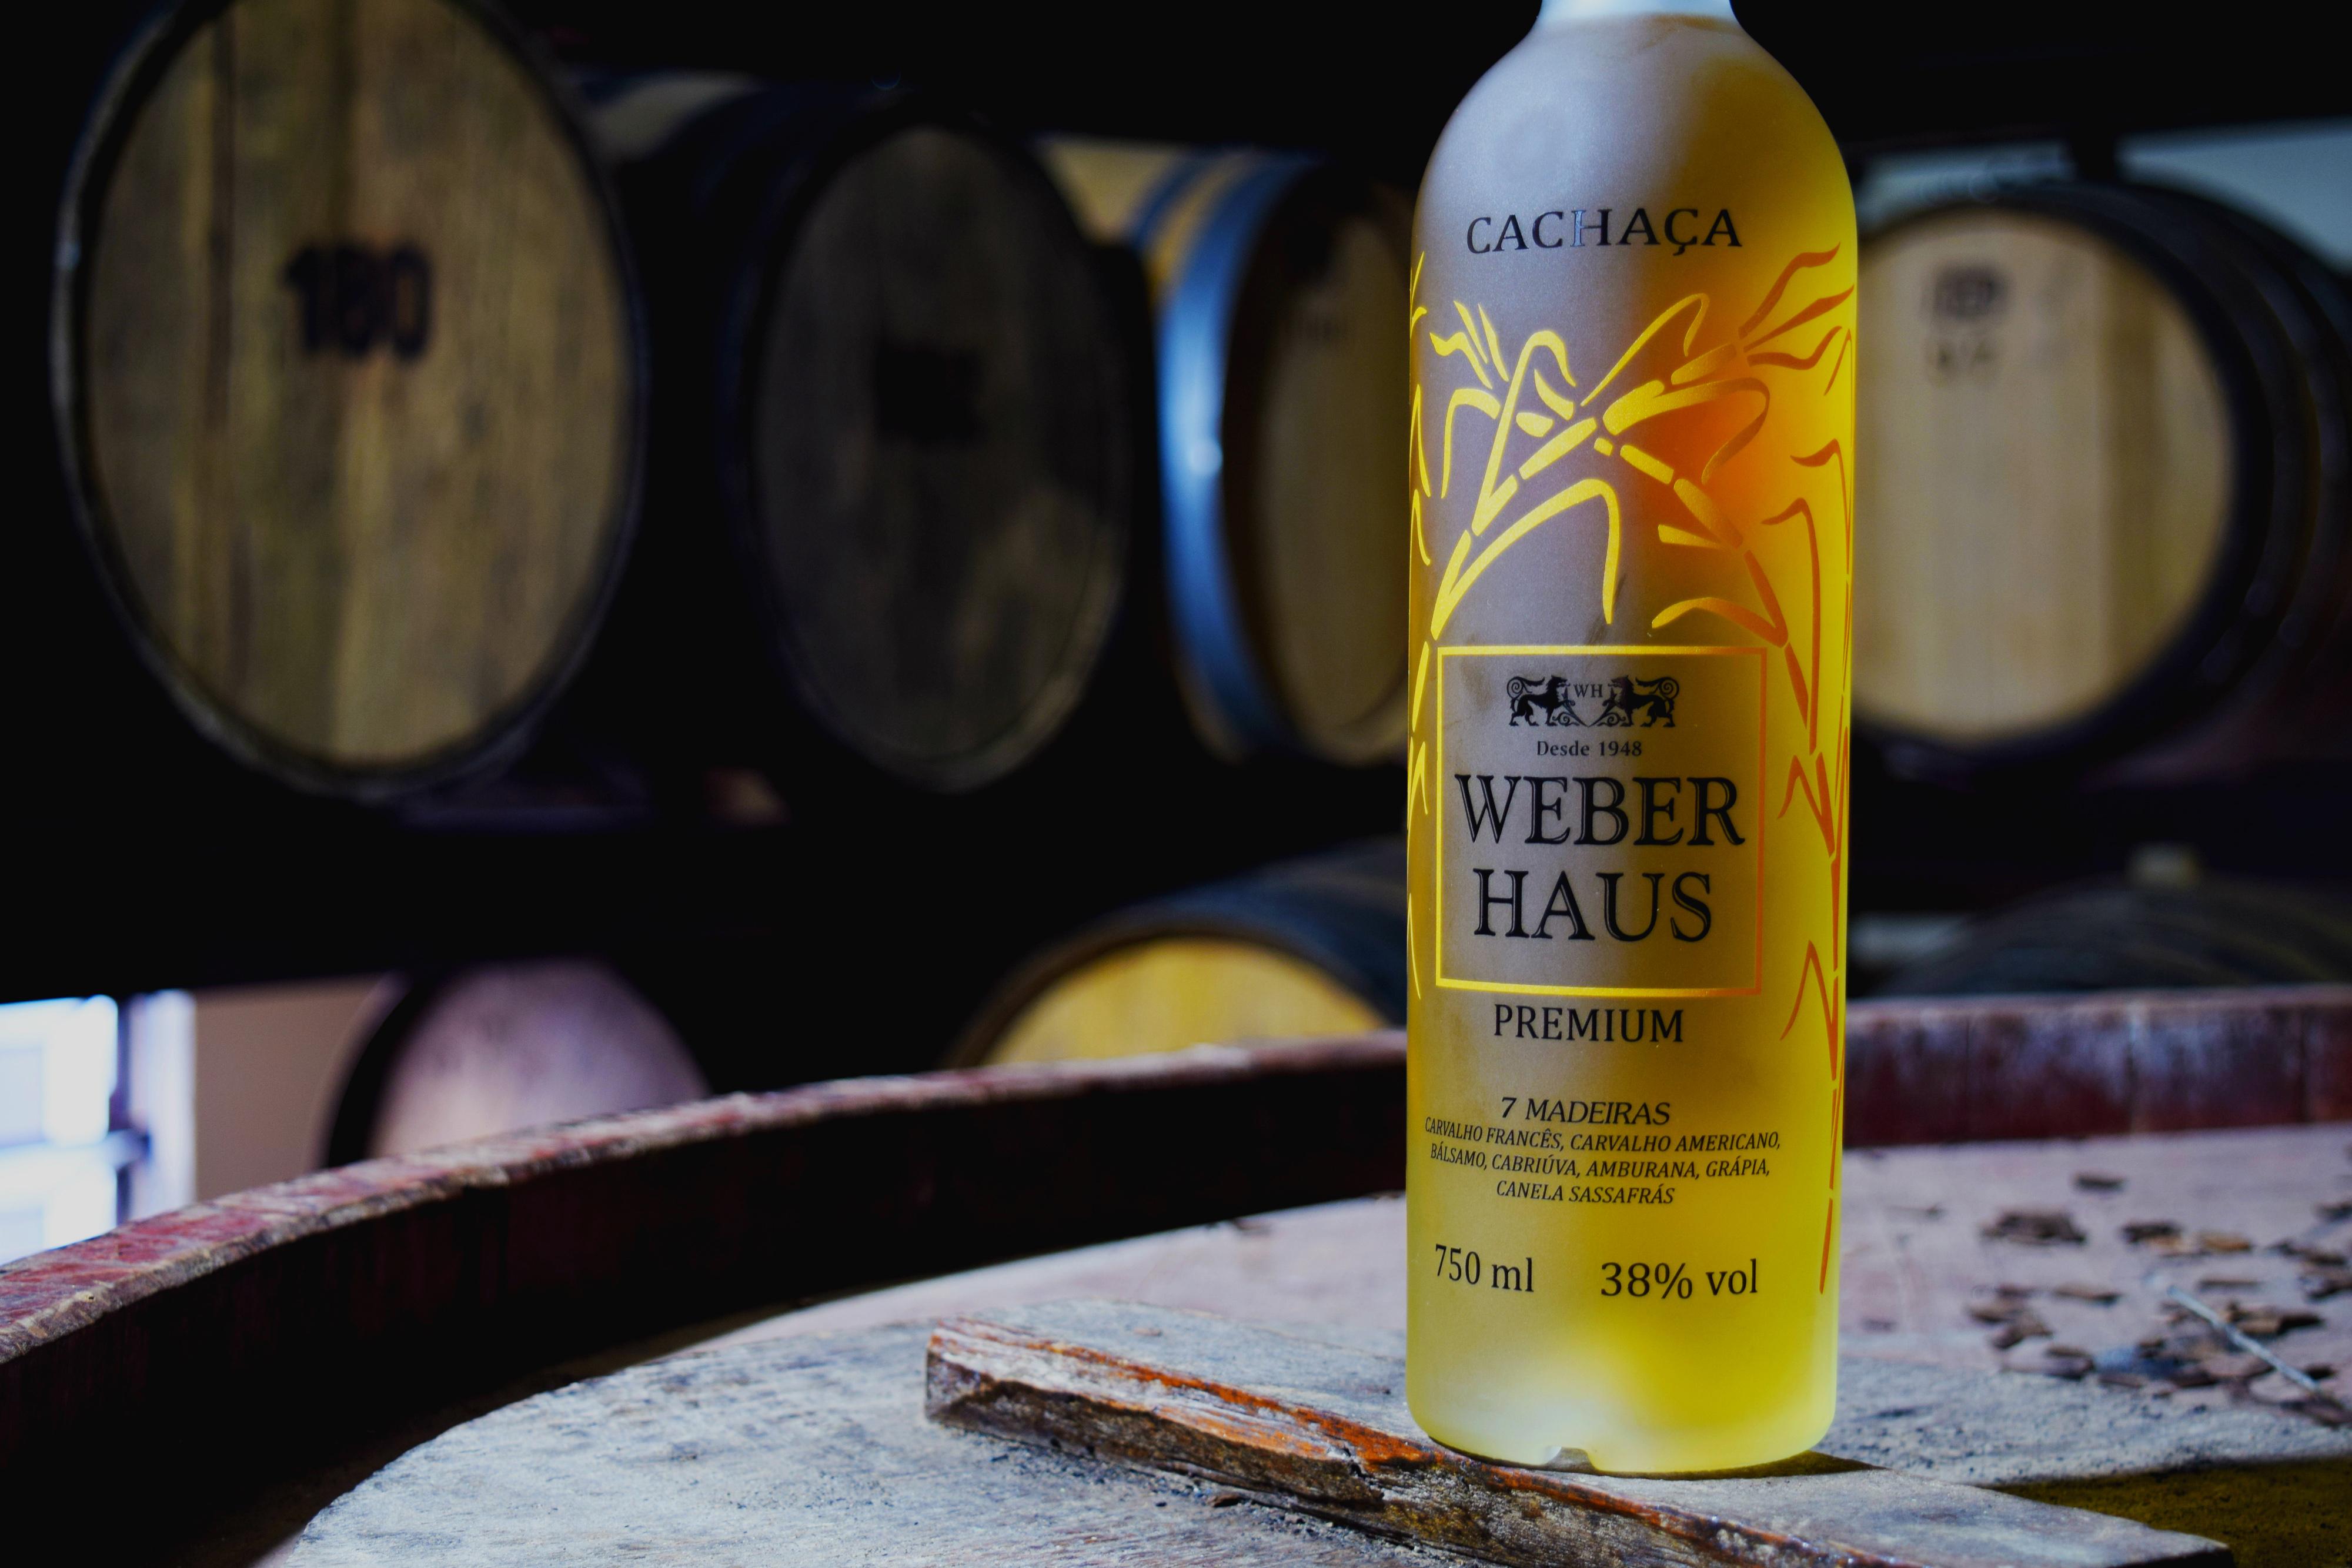 Weber Haus lança cachaça Premium envelhecida em 7 Madeiras – Turismo por Cristina Lira